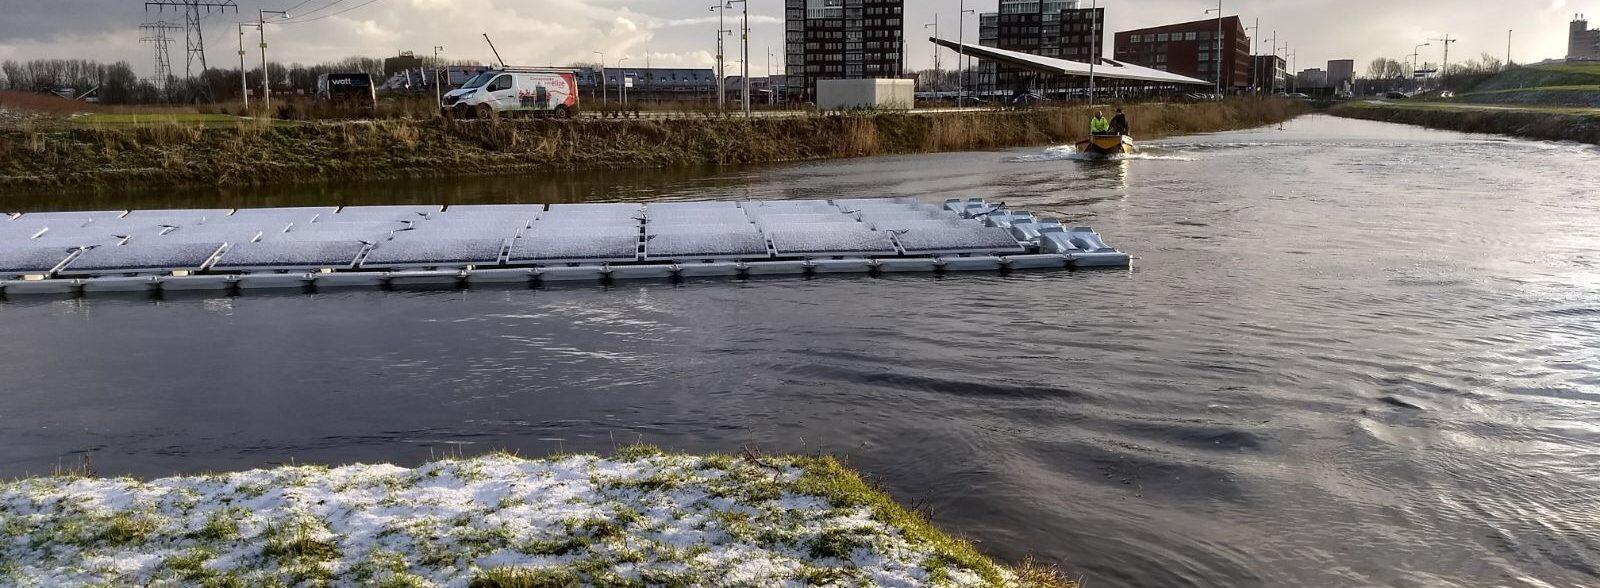 Innovatieve oplossing, zonnepanelen op water Reitdiep – Groningen